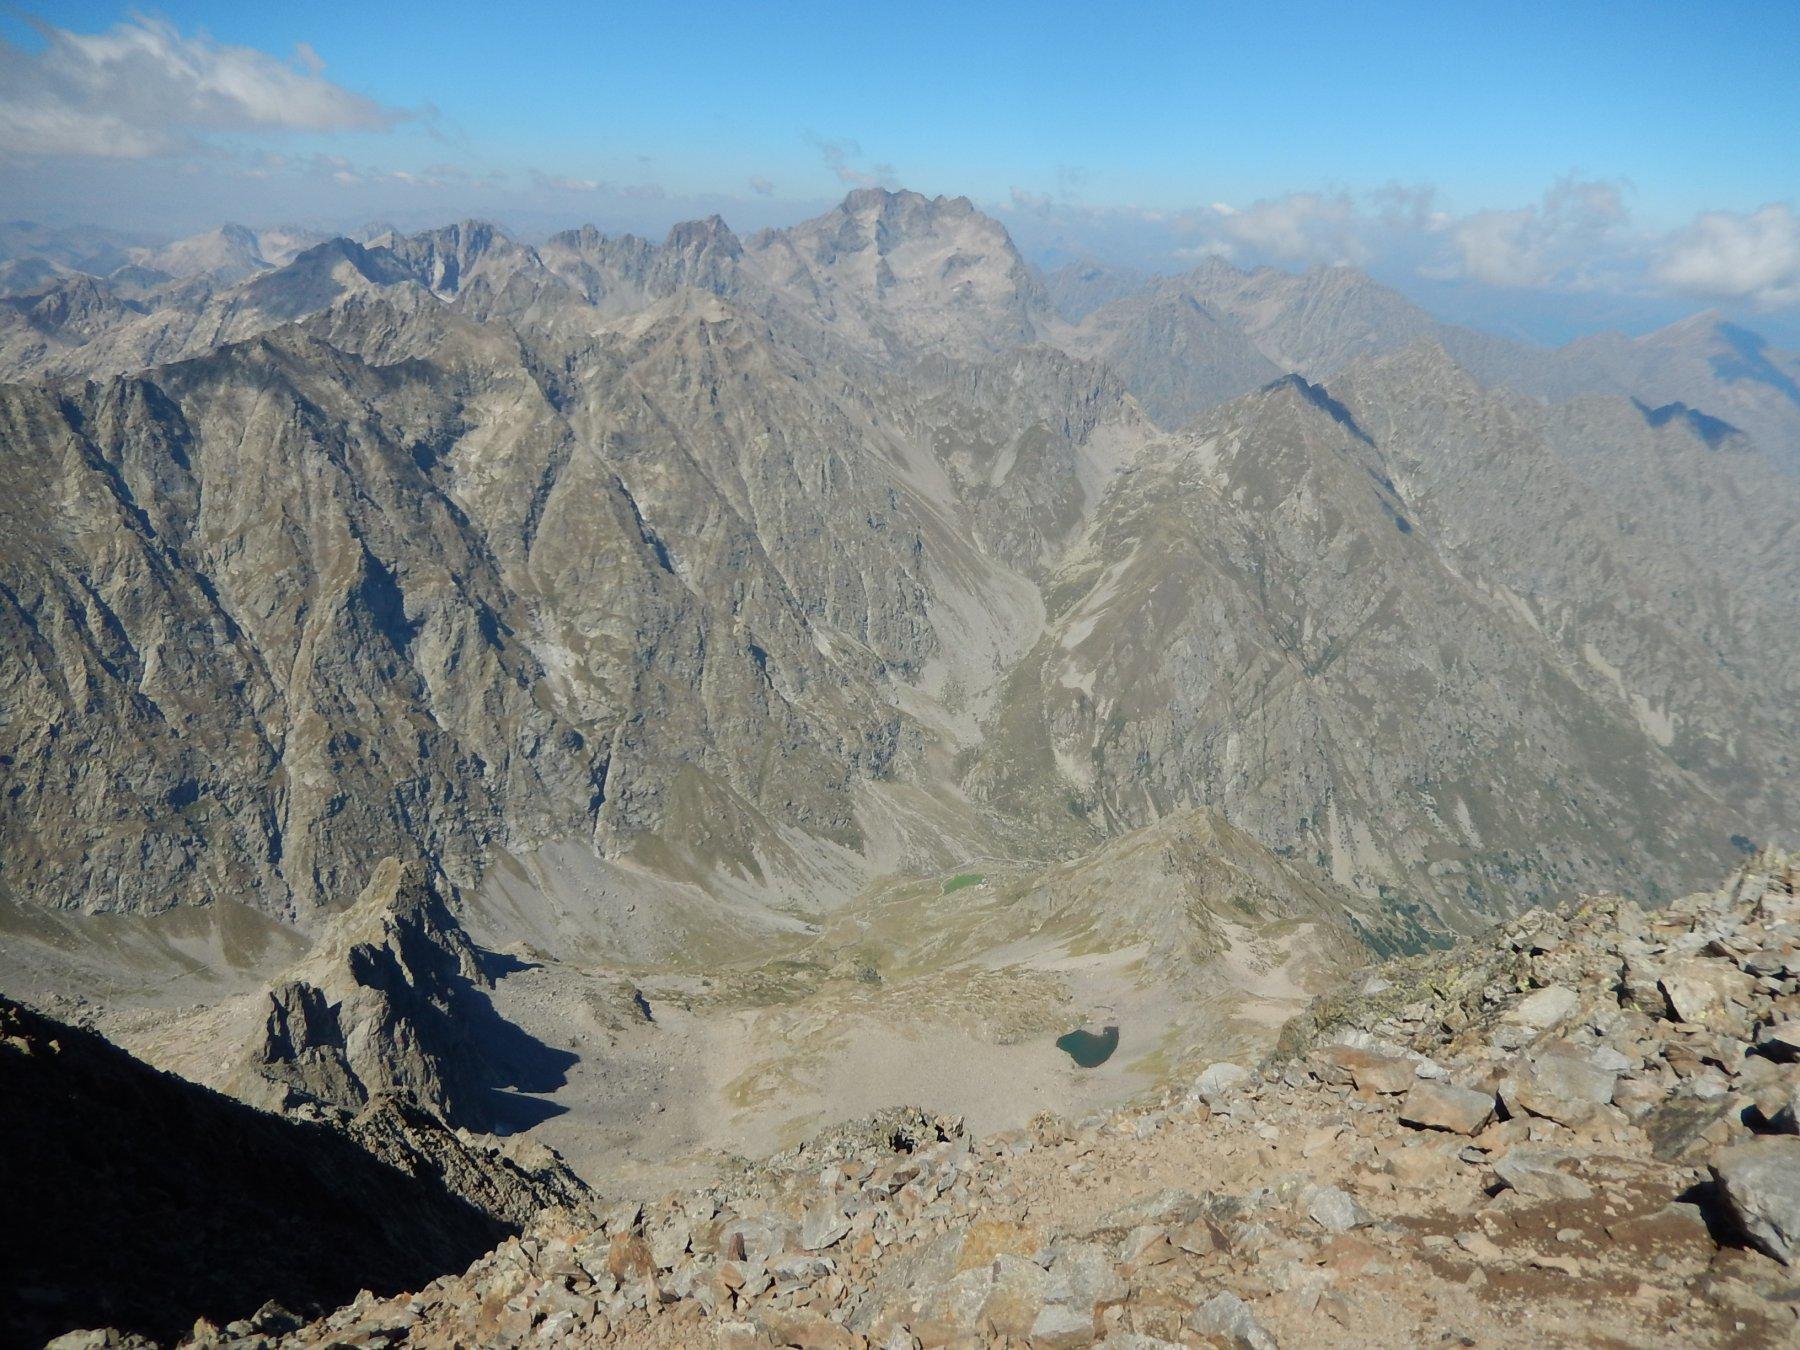 Spettacolare vista dalla cima verso l'Argentera e tutte le principali cime della valle Gesso.